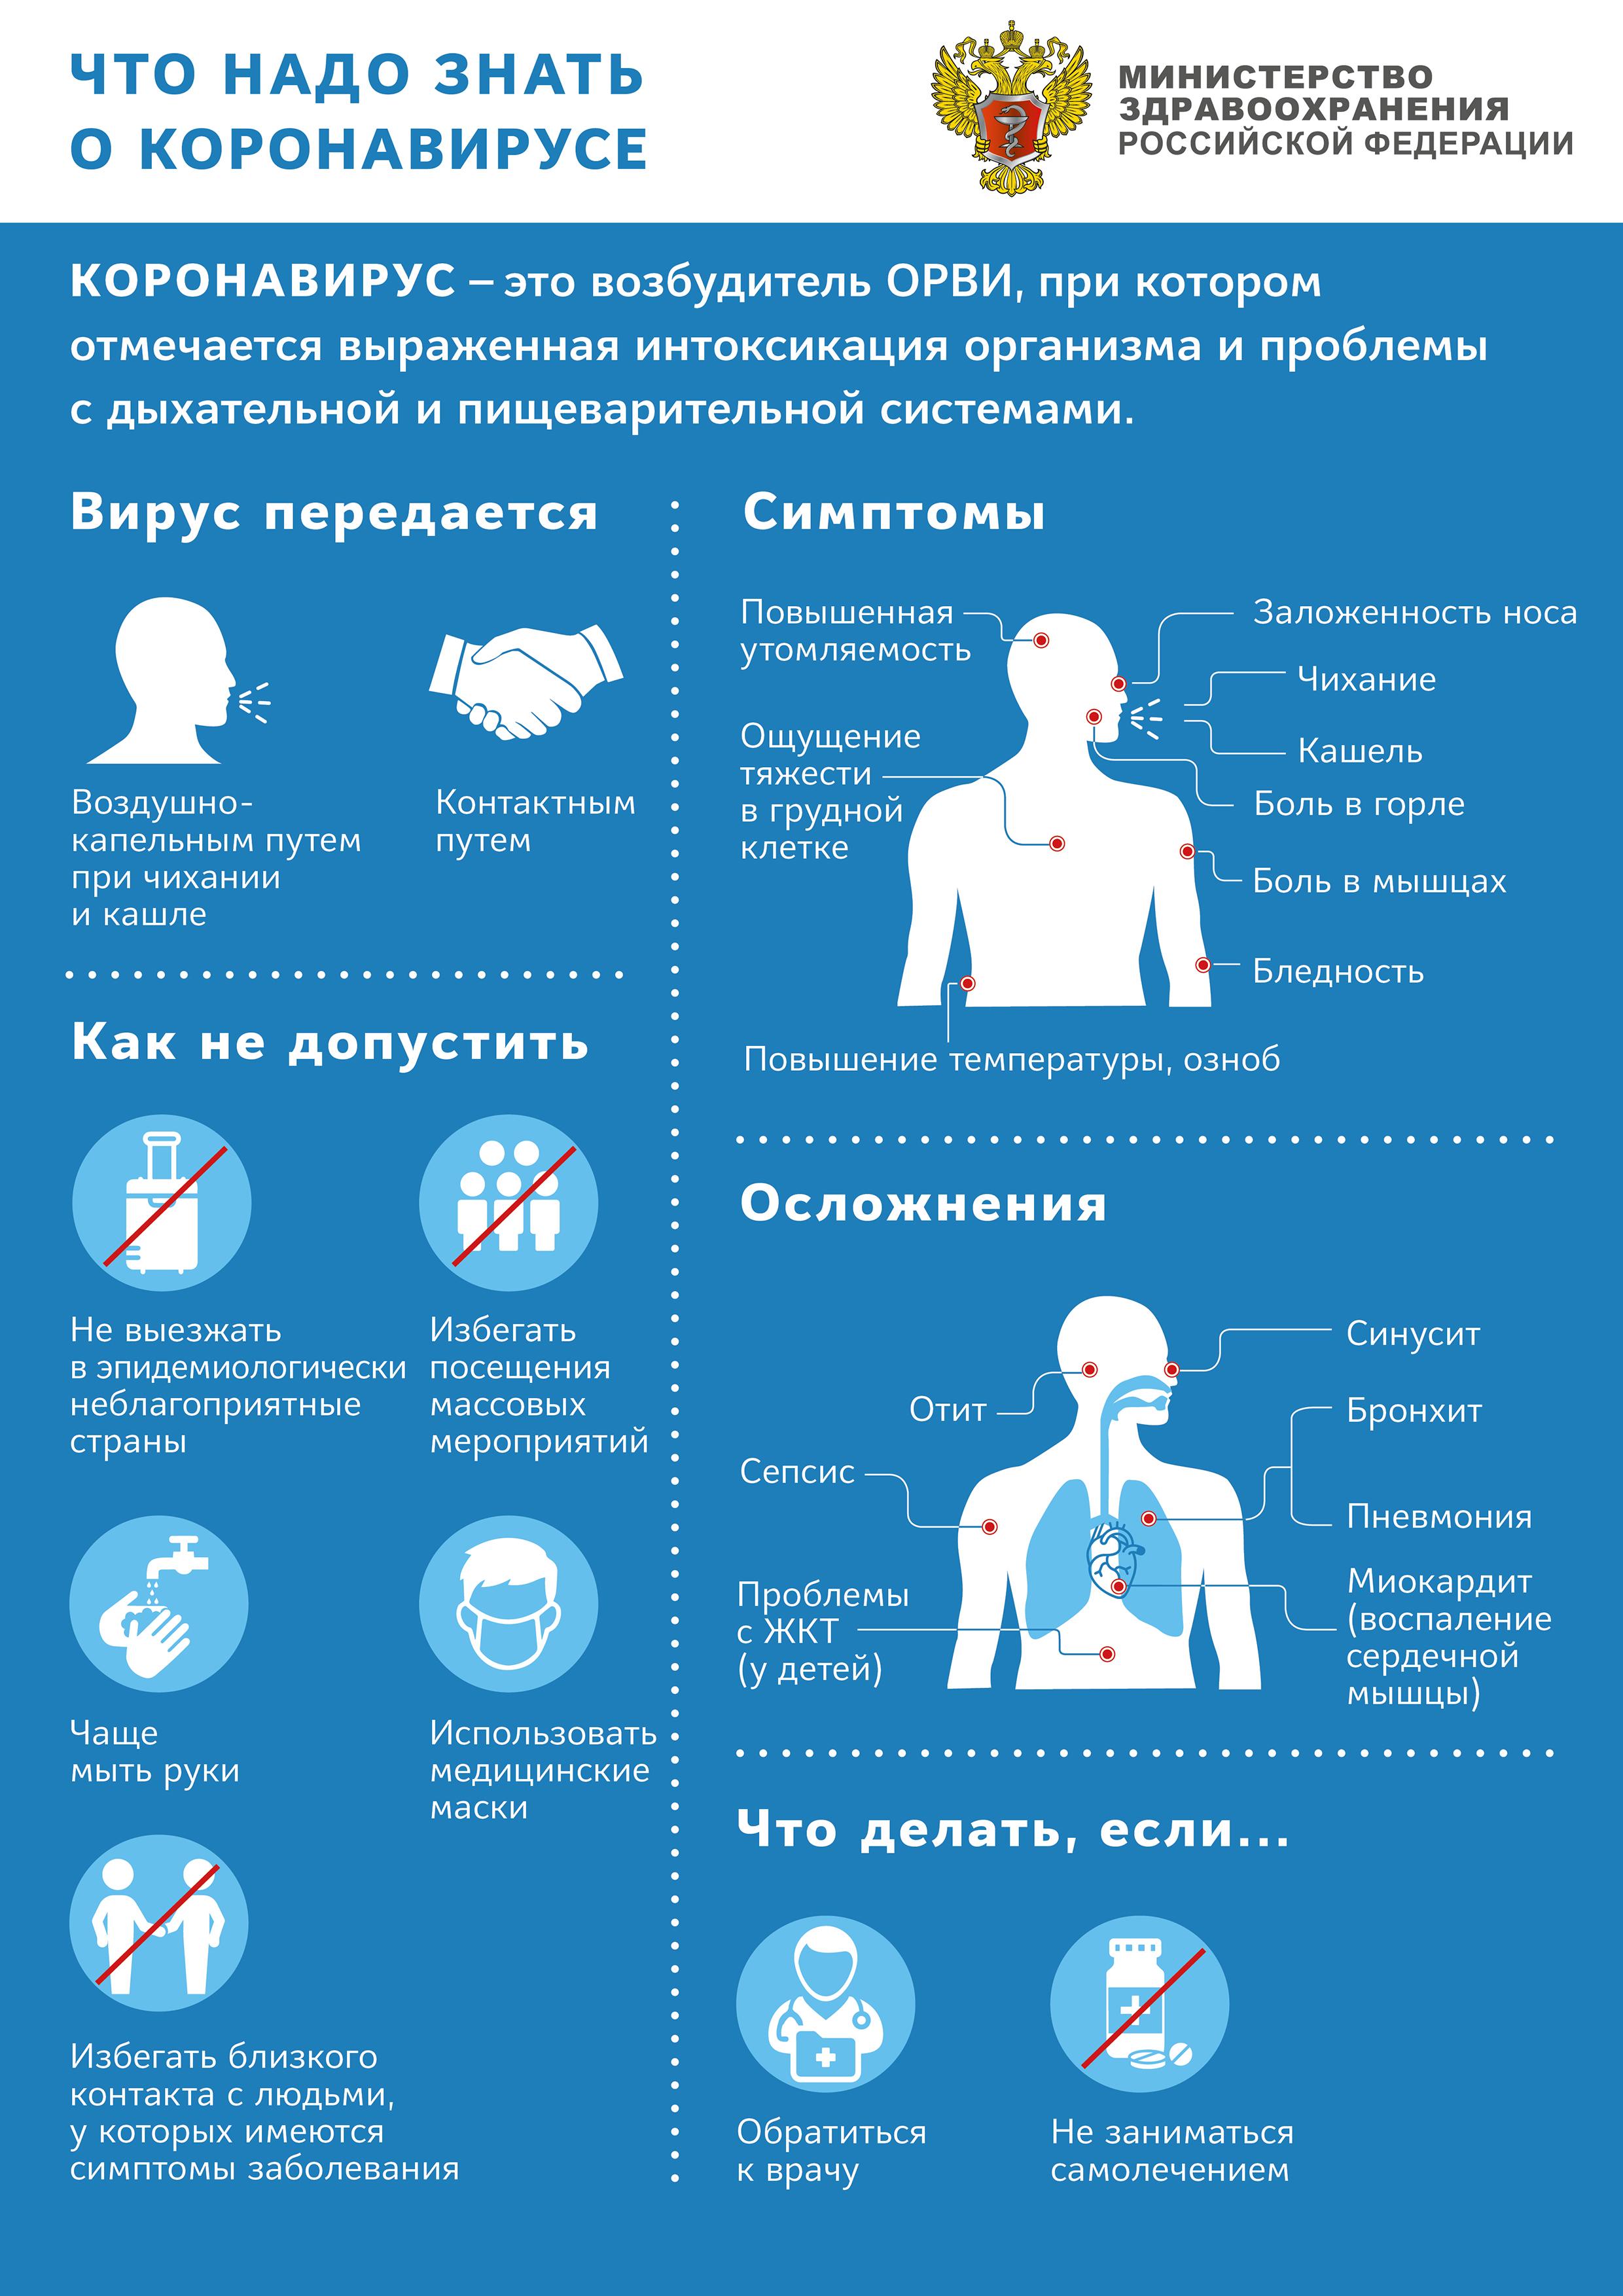 Что нужно знать о коронавирусе COVID-19